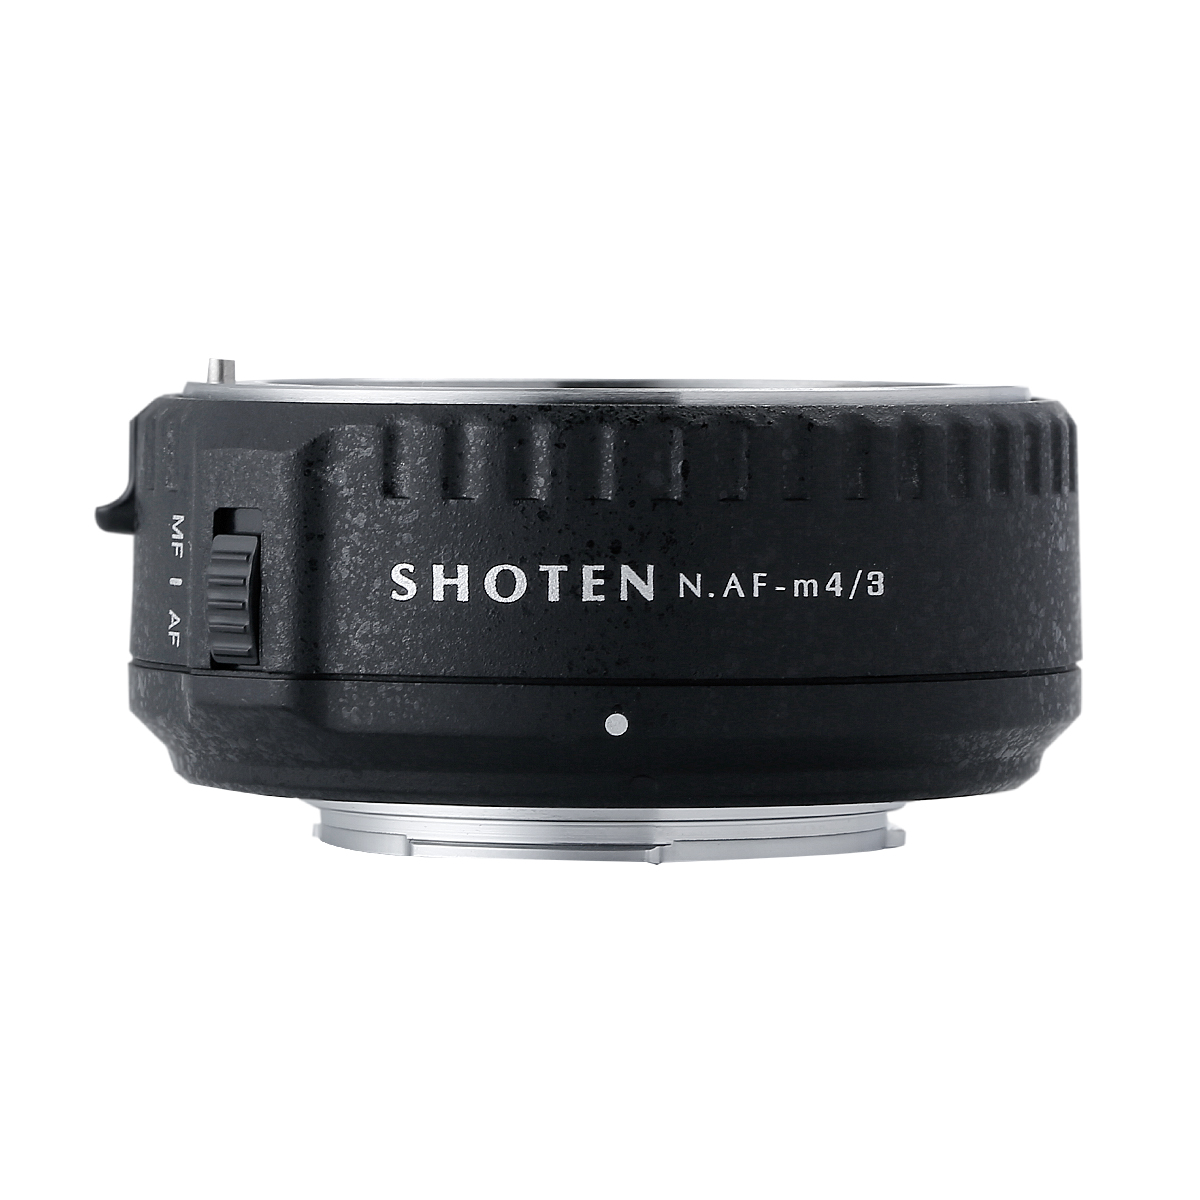 SHOTEN NAF-m43(AF-S NIKKORレンズ → マイクロフォーサーズ マウント変換)電子マウントアダプター AE/AF撮影可能